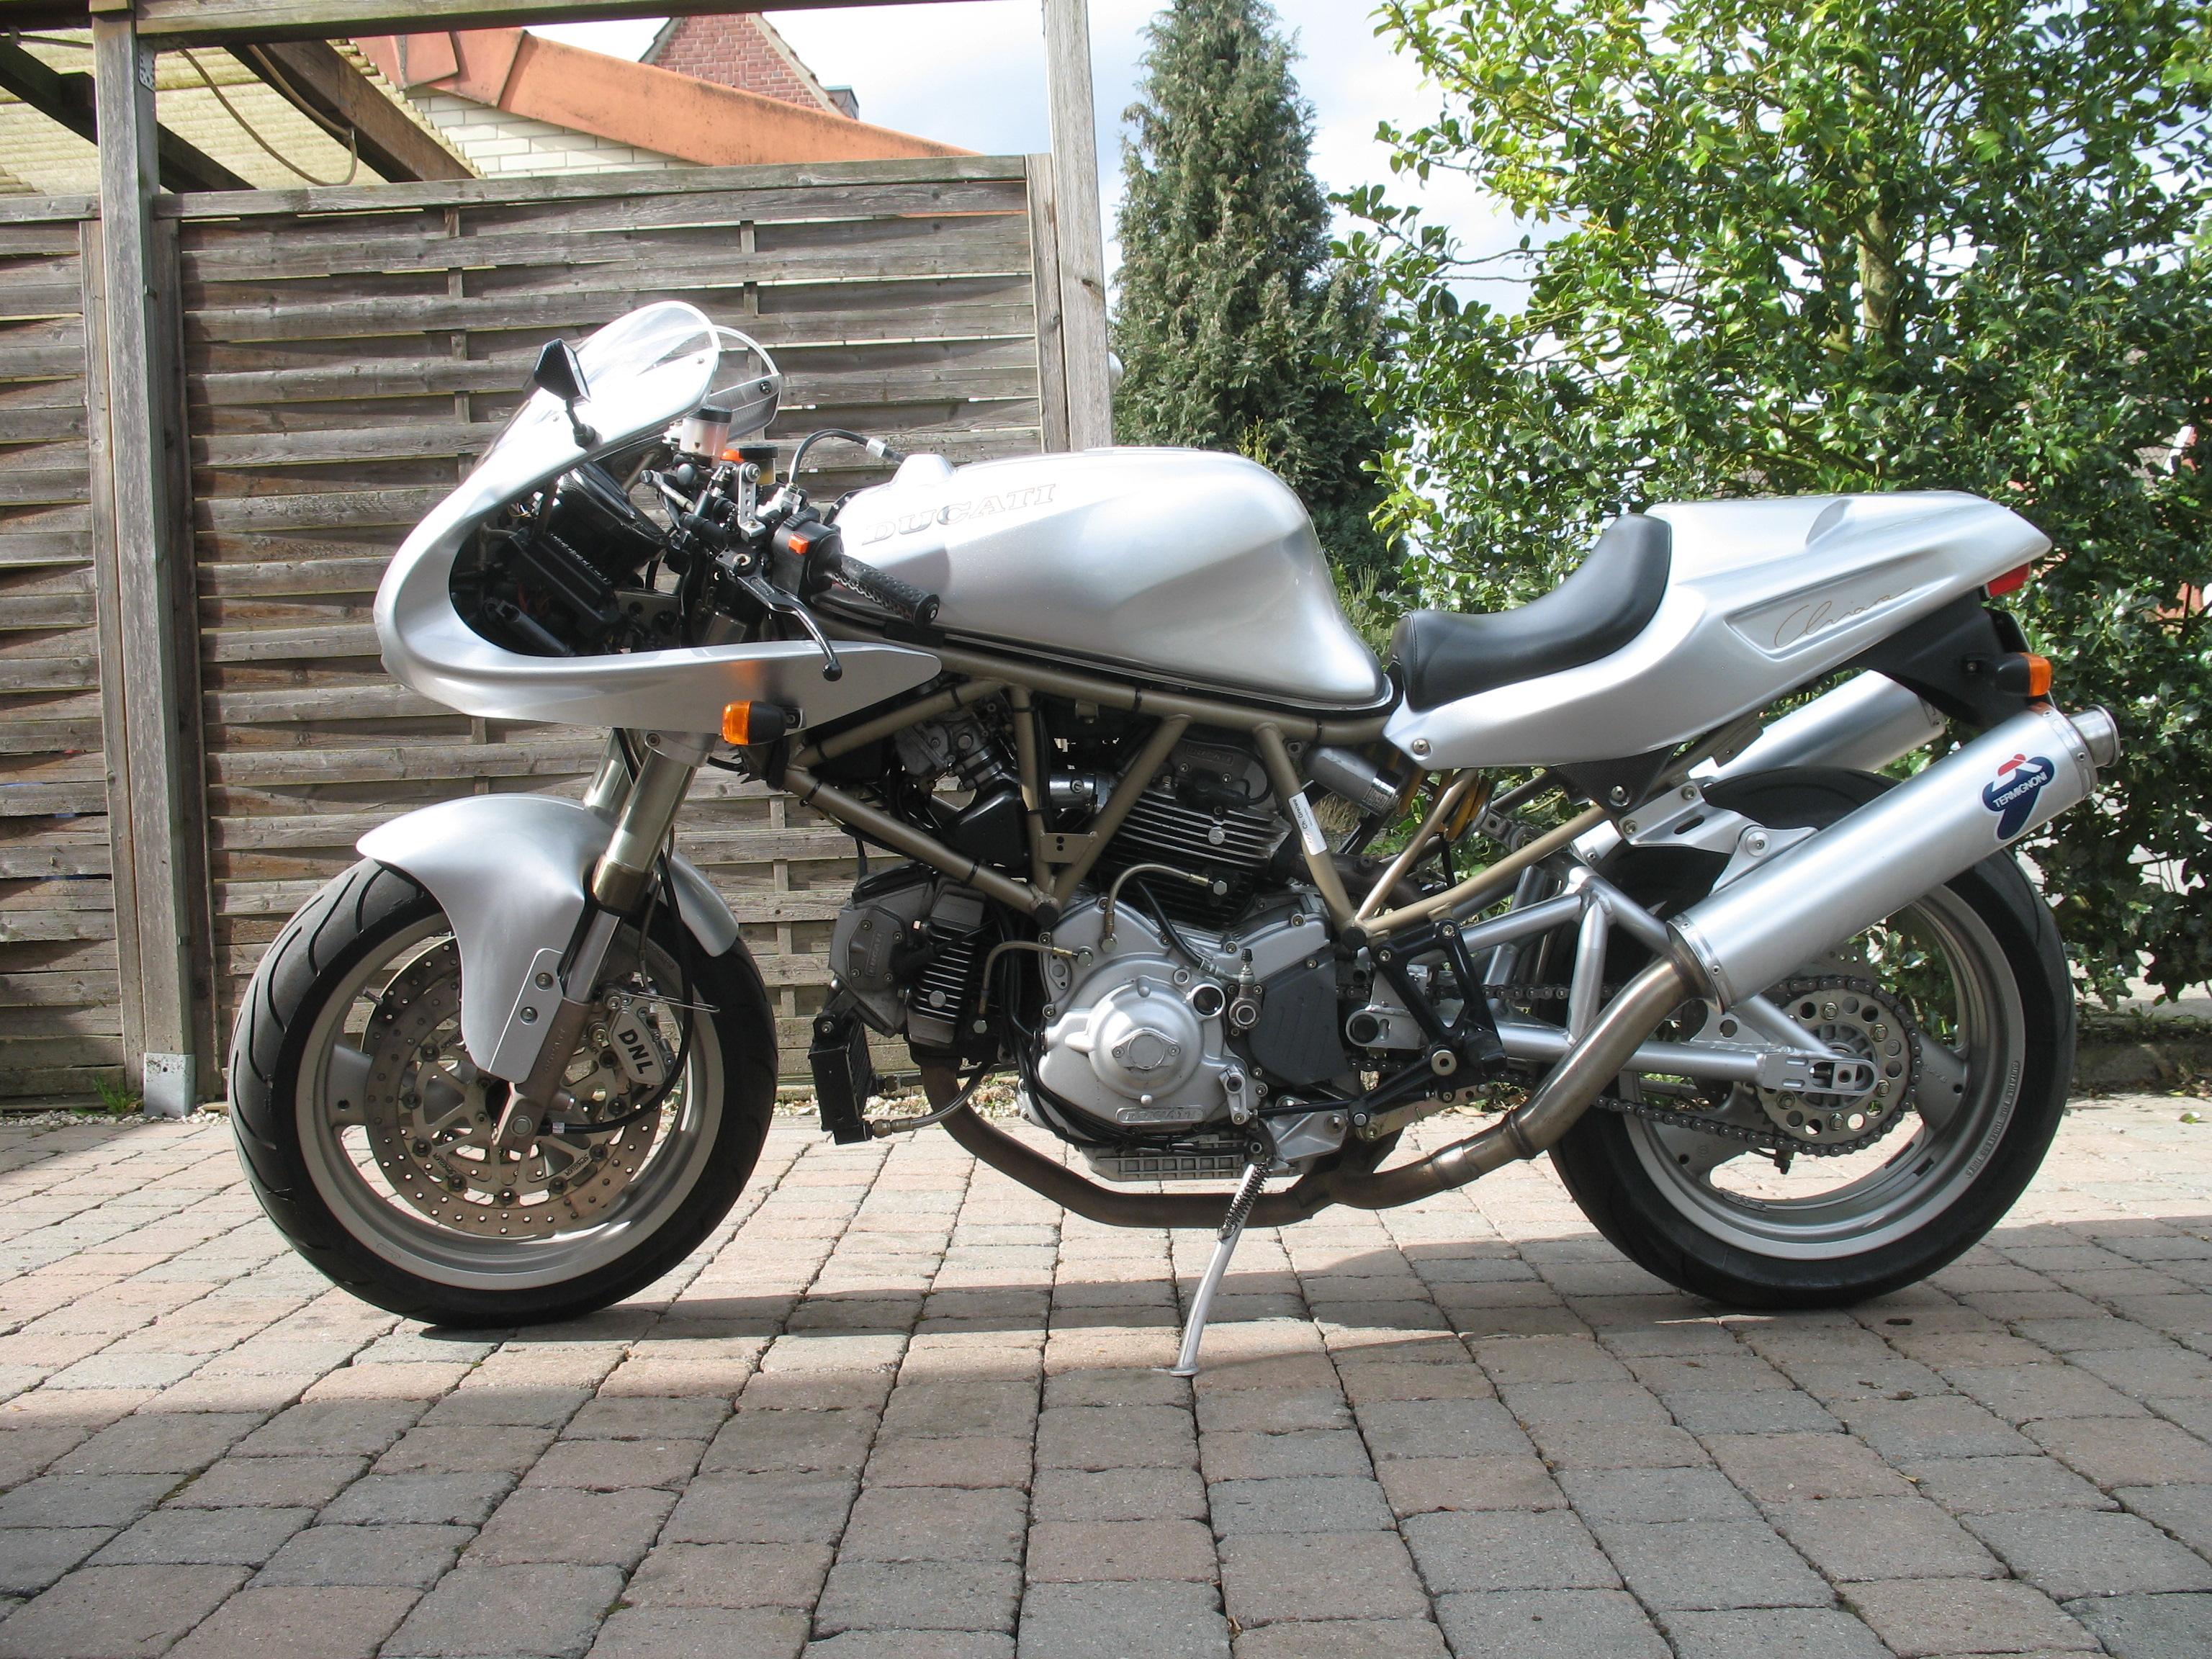 Ducati Scrambler Cafe Racer Accessories